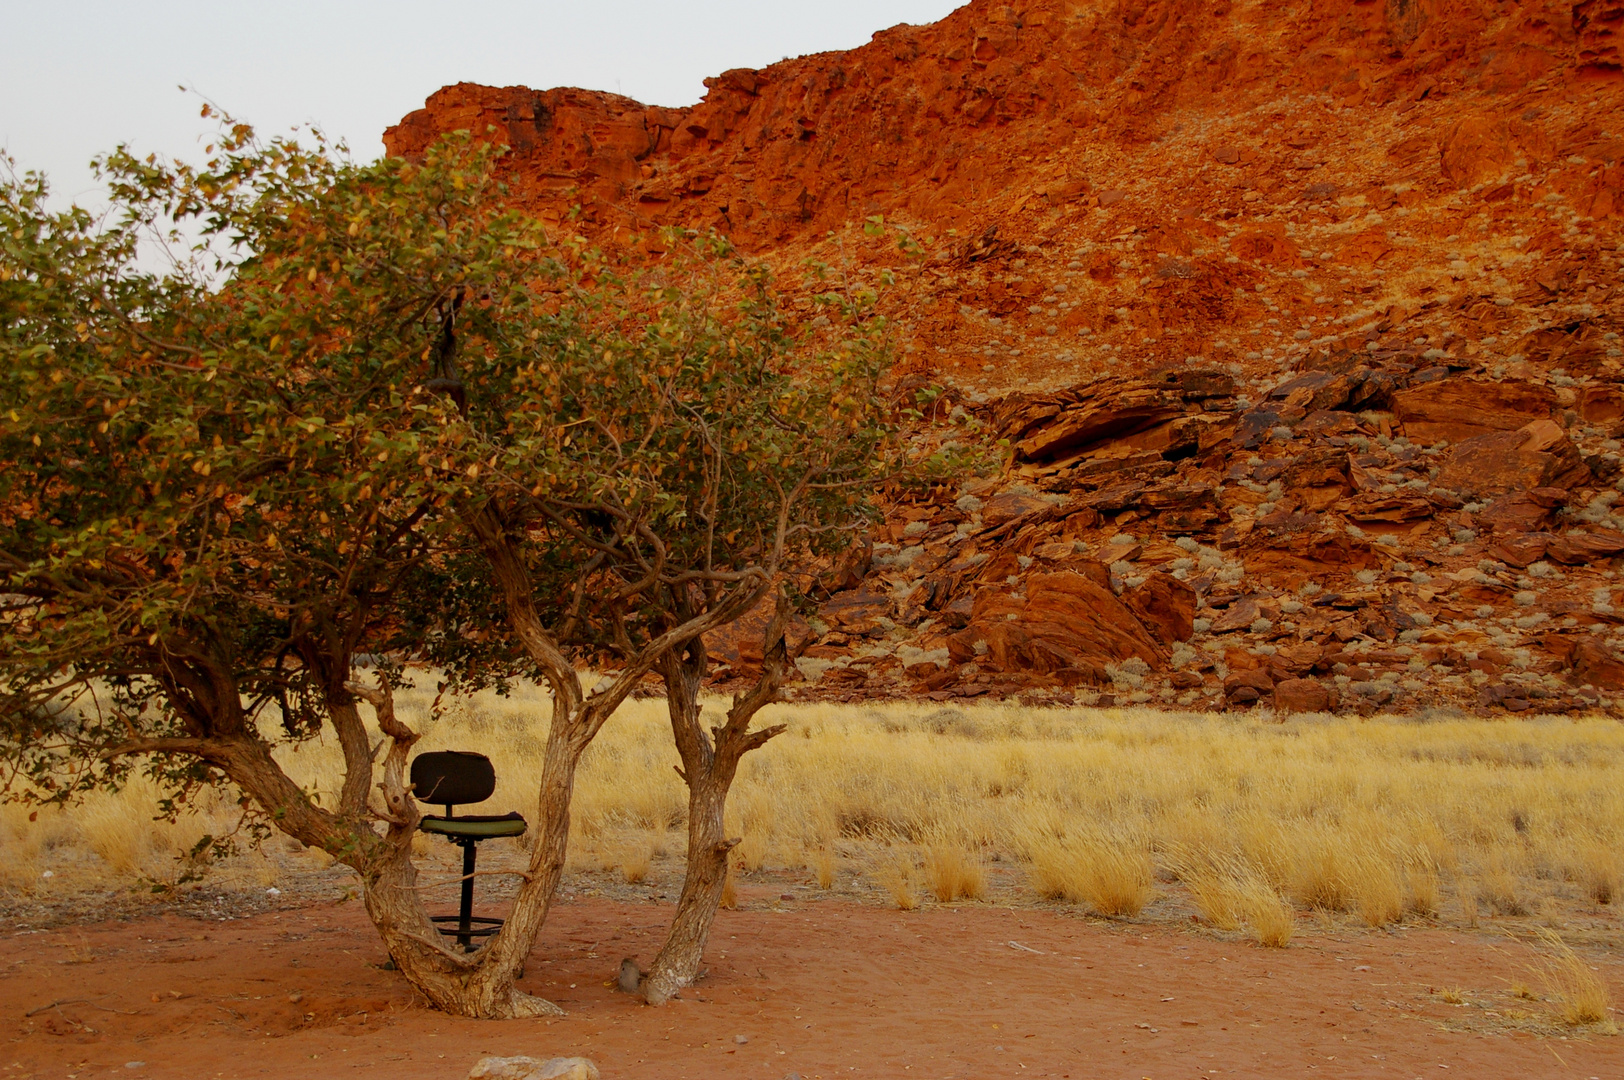 das sch nste b ro der welt foto bild africa southern africa namibia bilder auf fotocommunity. Black Bedroom Furniture Sets. Home Design Ideas